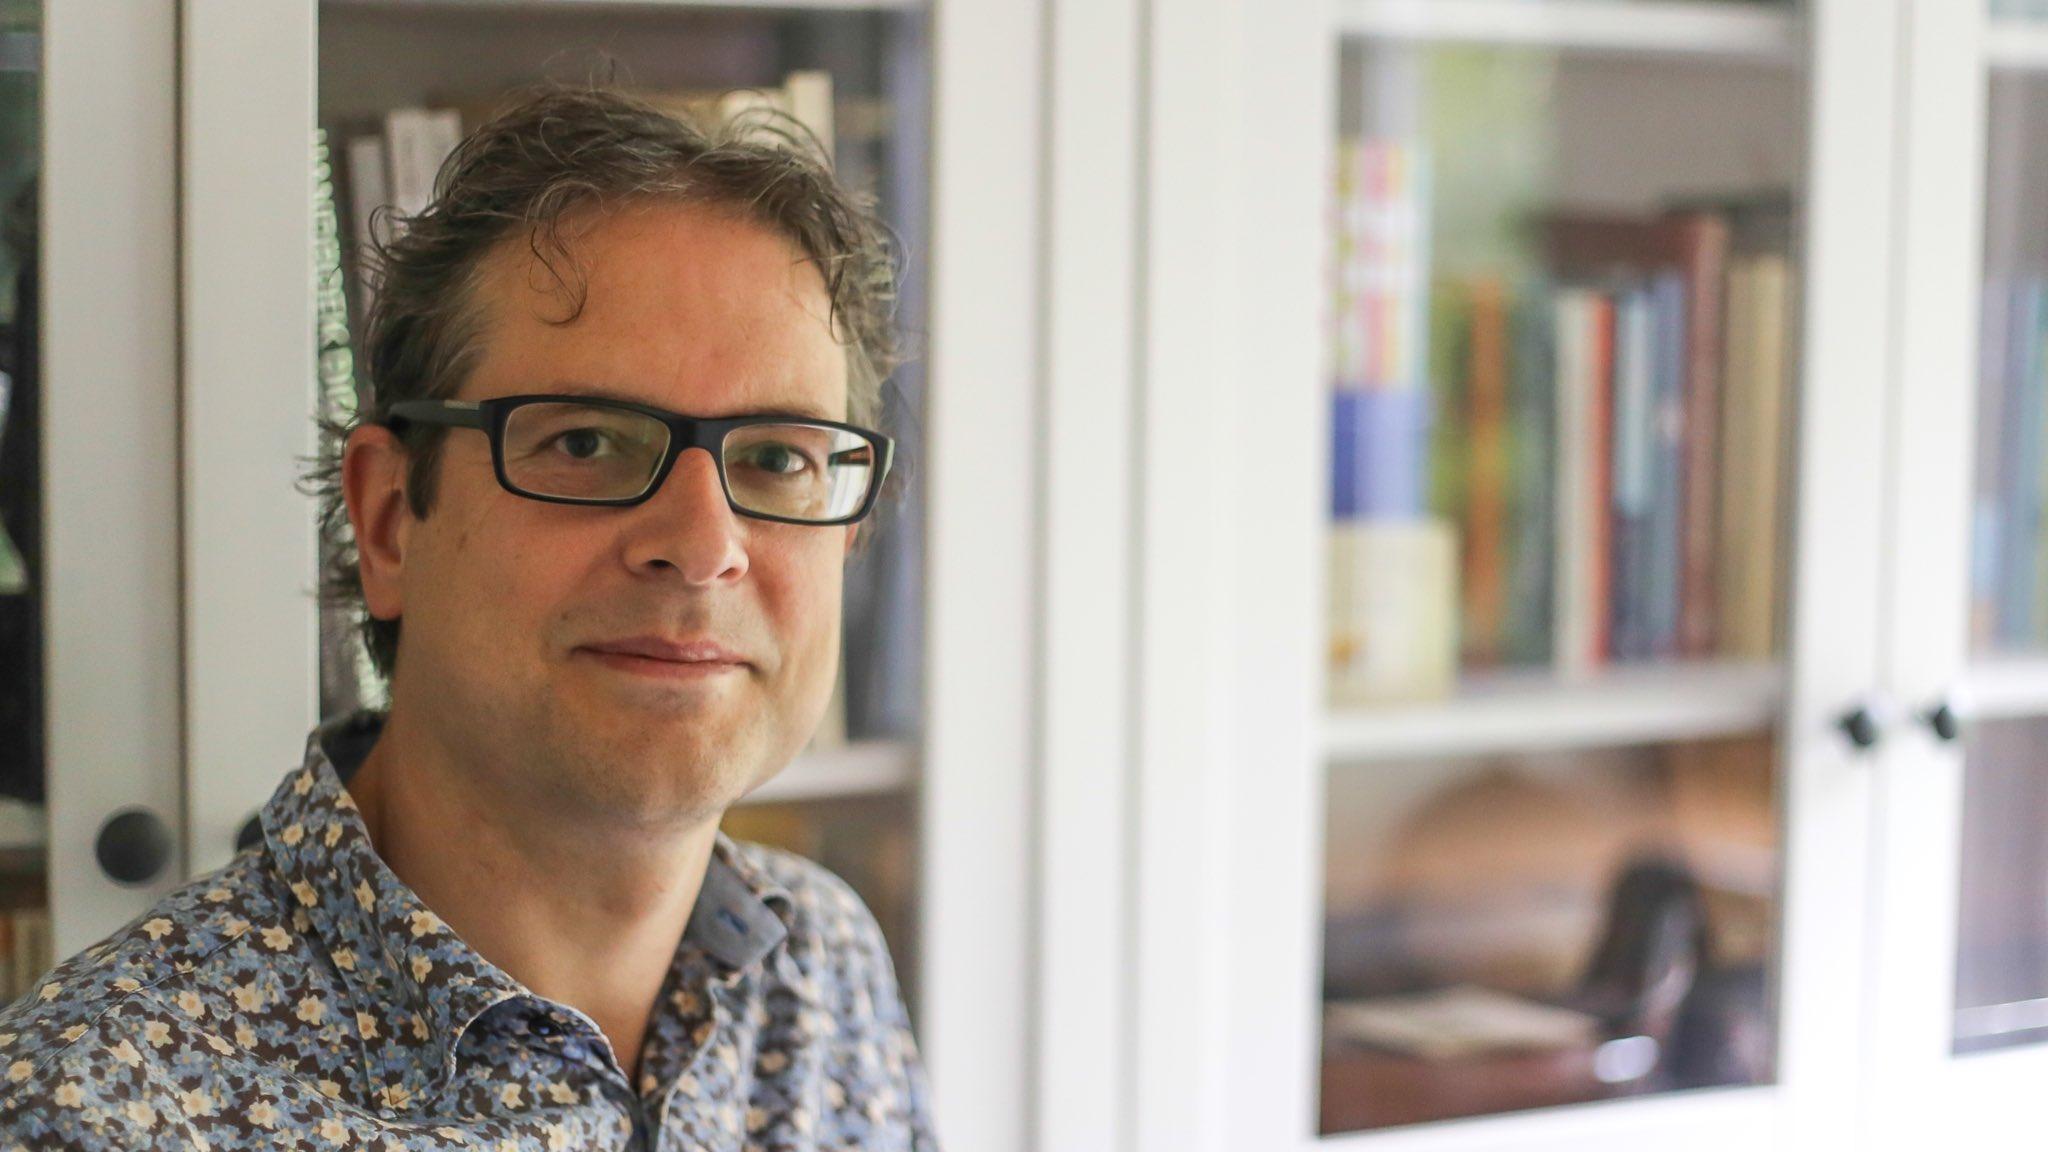 Hans Versteegh Welzijn 3.o docent spreker congres gastdocent zorg en welzijn